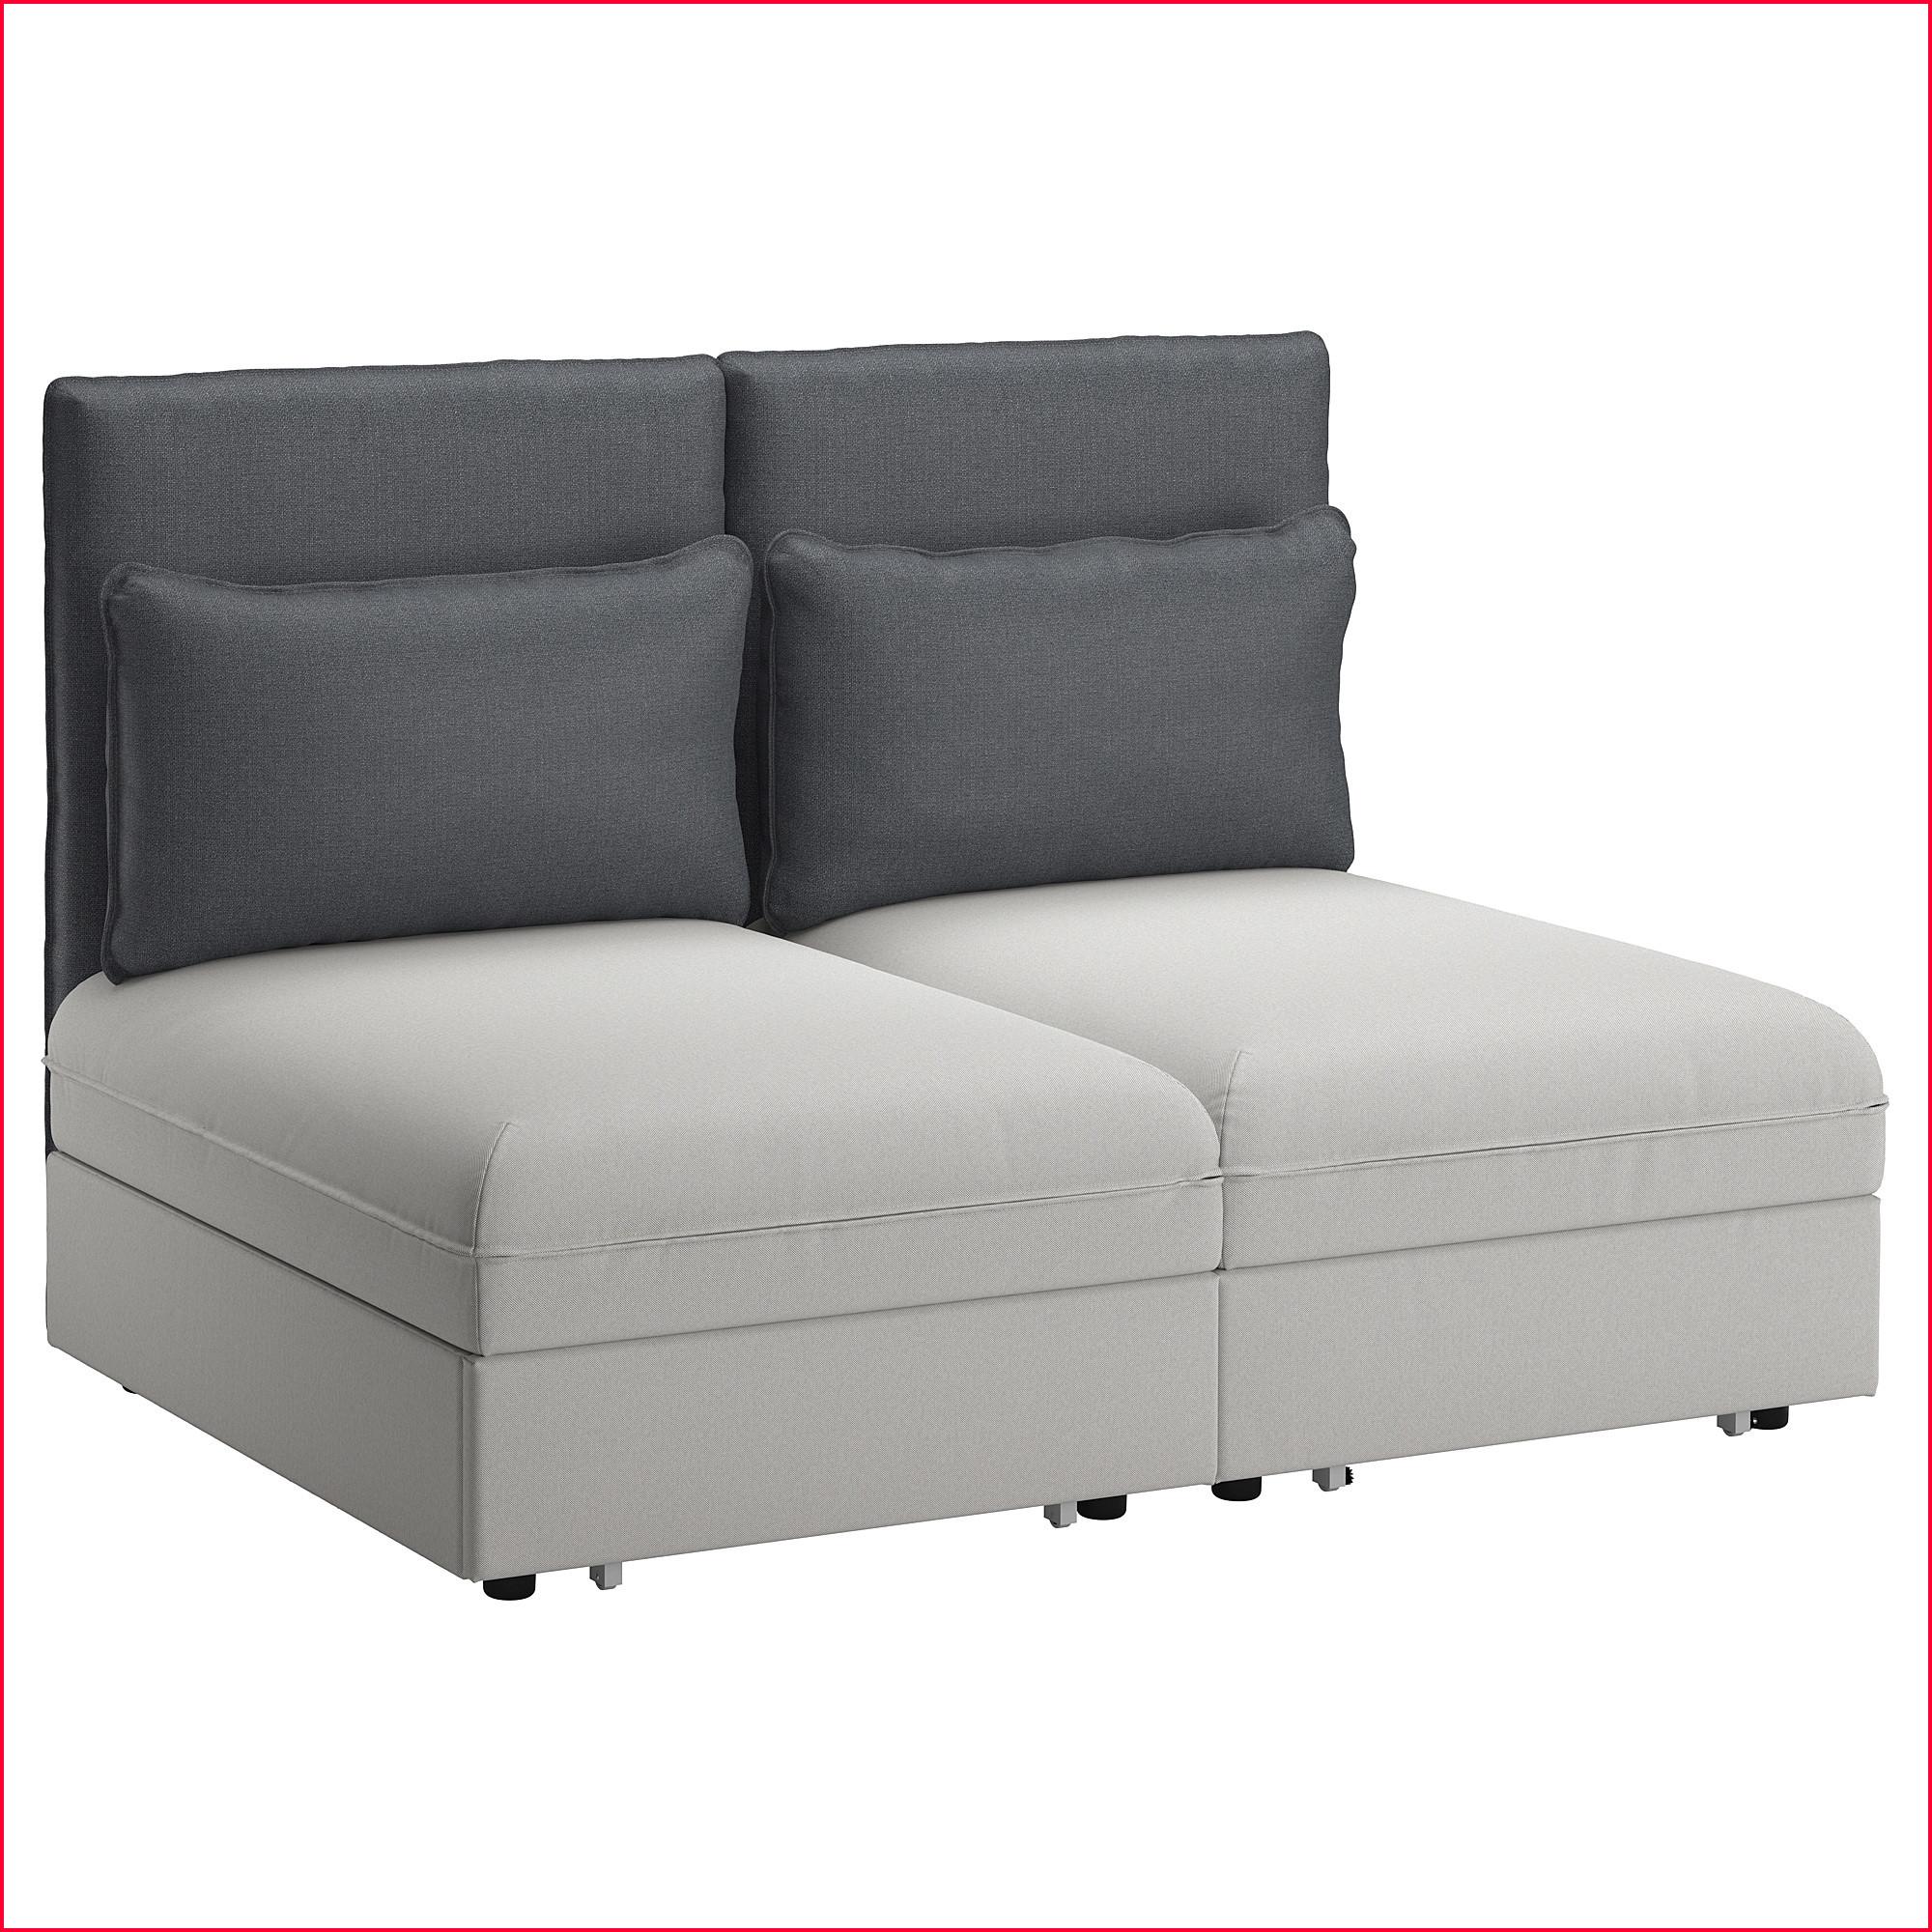 Sofas Baratos Ikea 0gdr Ikea sofas Cama Baratos sofà S Cama Y Sillones Cama